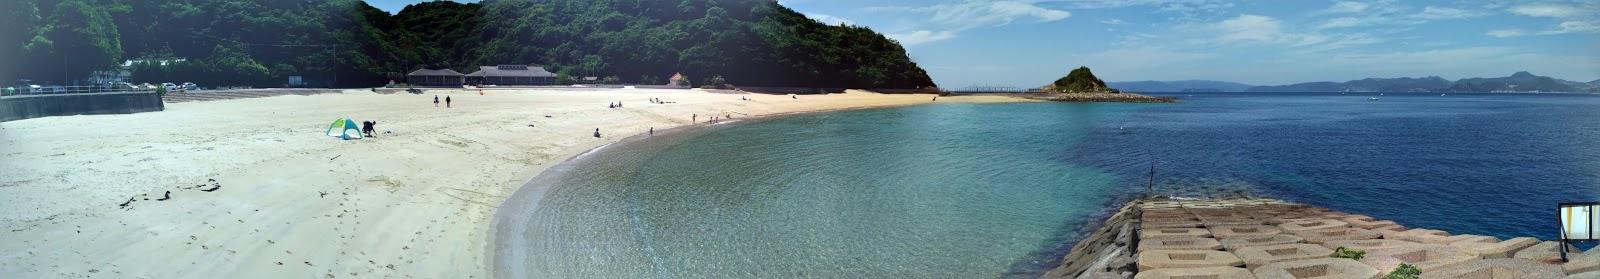 伊王島海水浴場 長崎 海